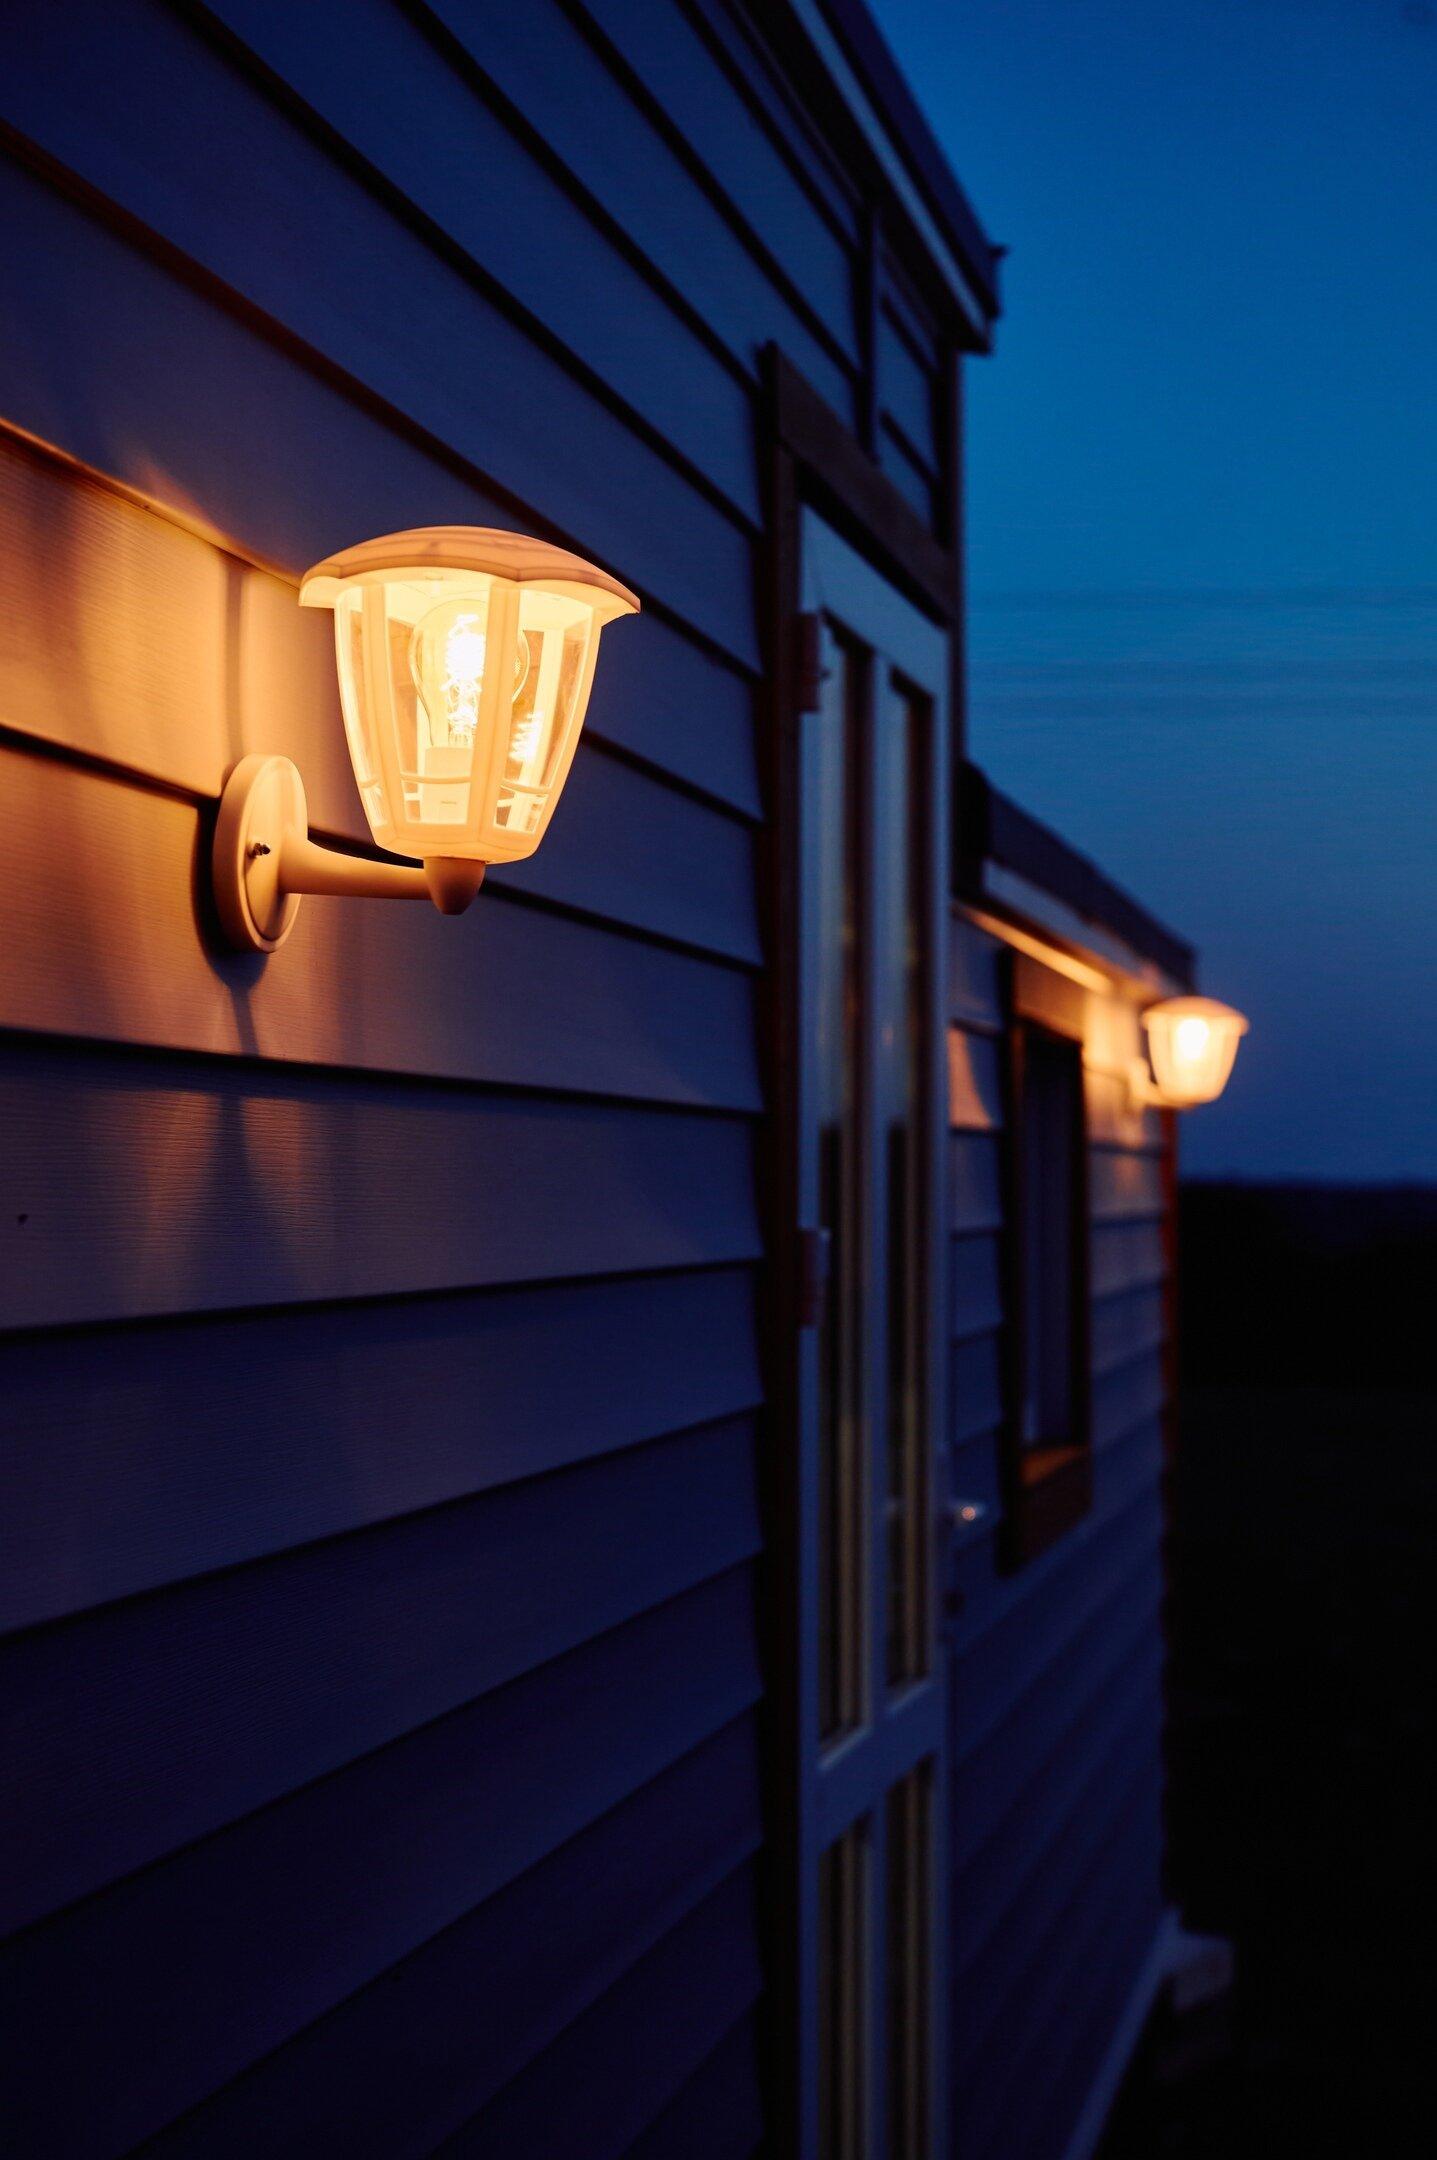 Продаётся каркасный мини дом для дачи, отеля готовый для проживания - фото pic_76d554762e6746ef77d0a6bbcb87f6bb_1920x9000_1.jpg